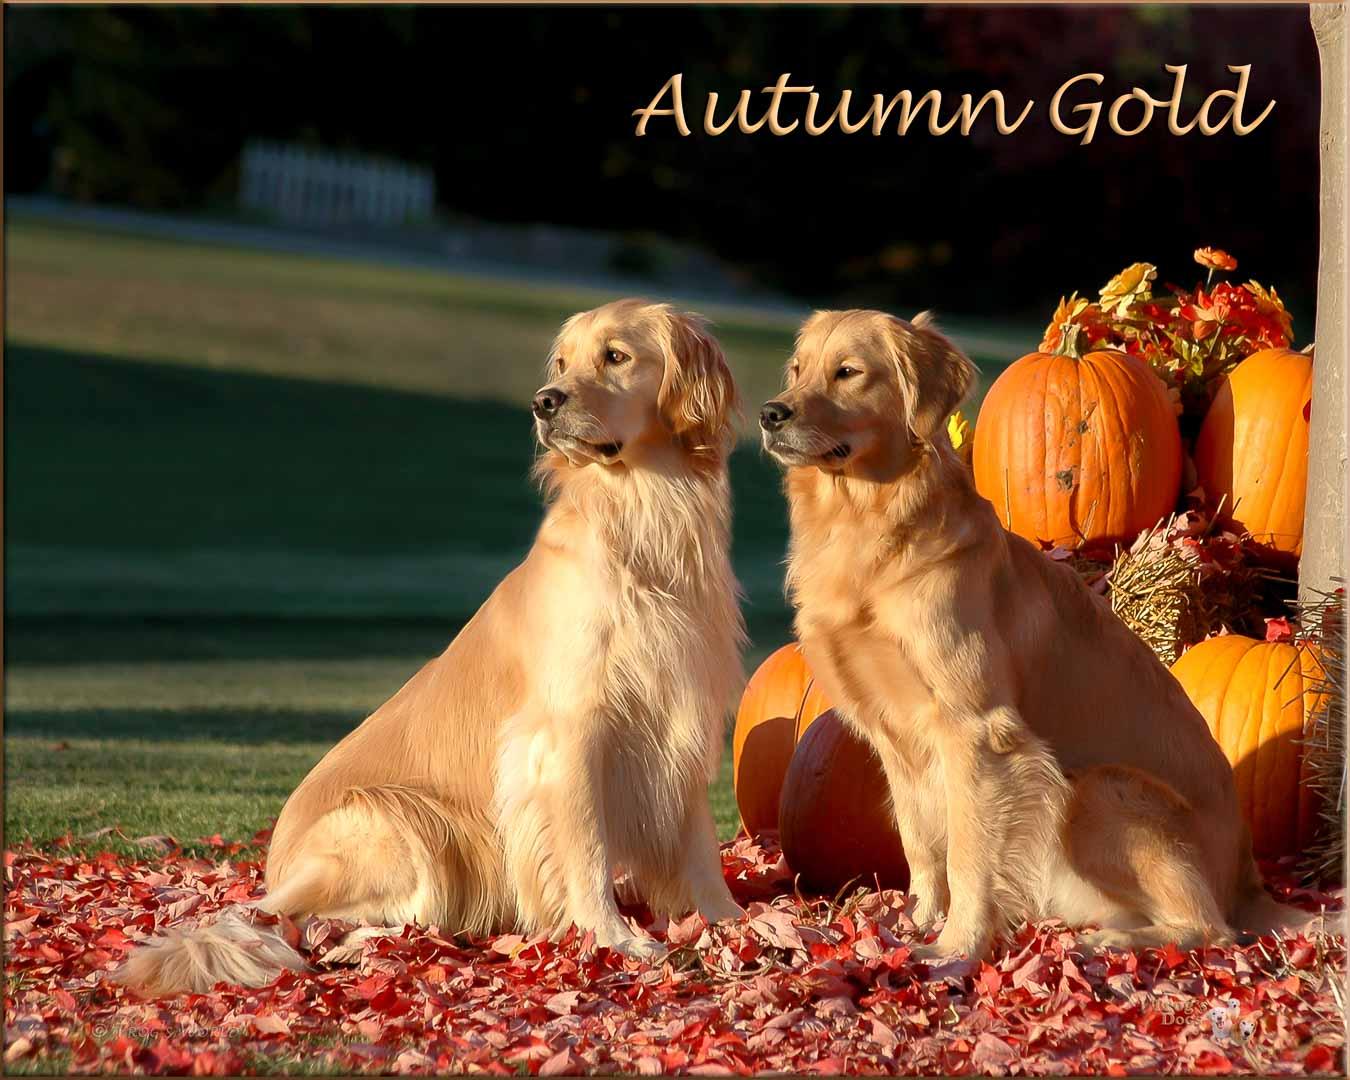 Two golden retrievers and an autumn evening